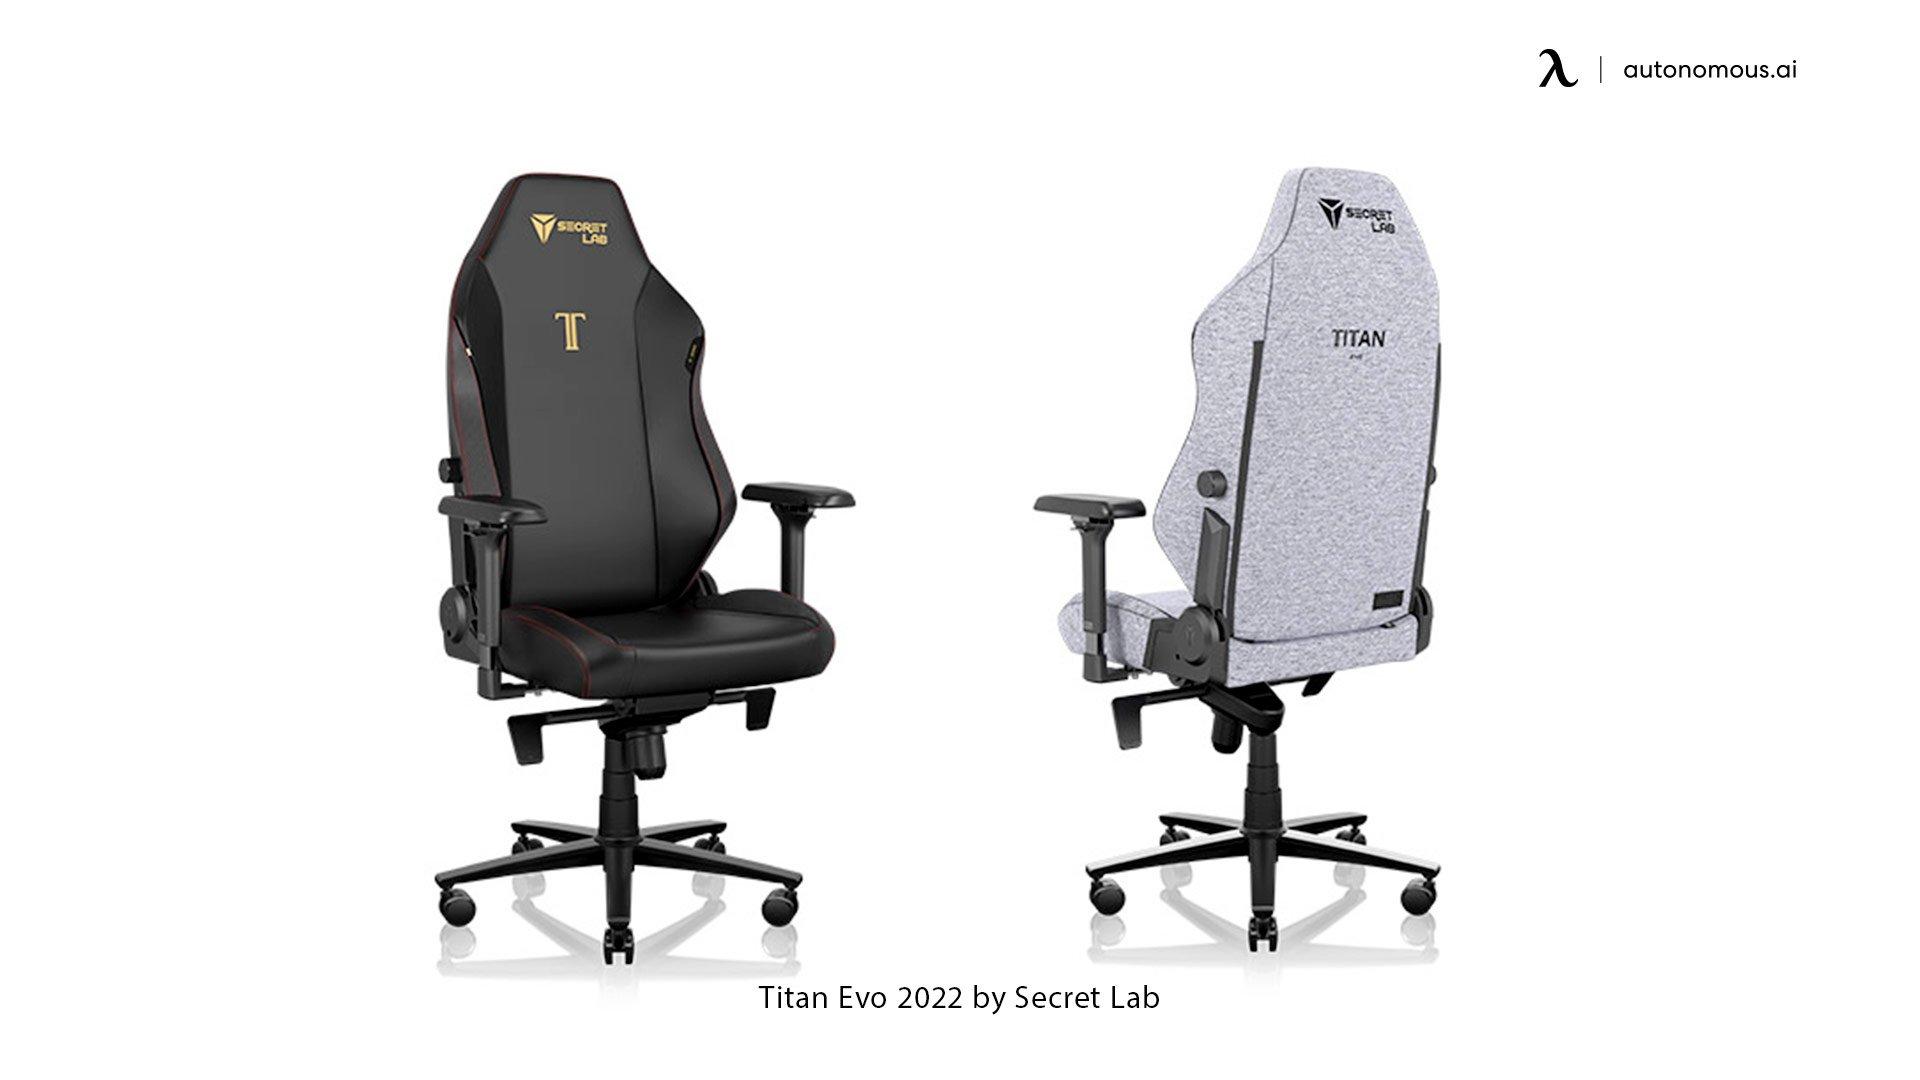 Titan Evo 2022 by Secretlab